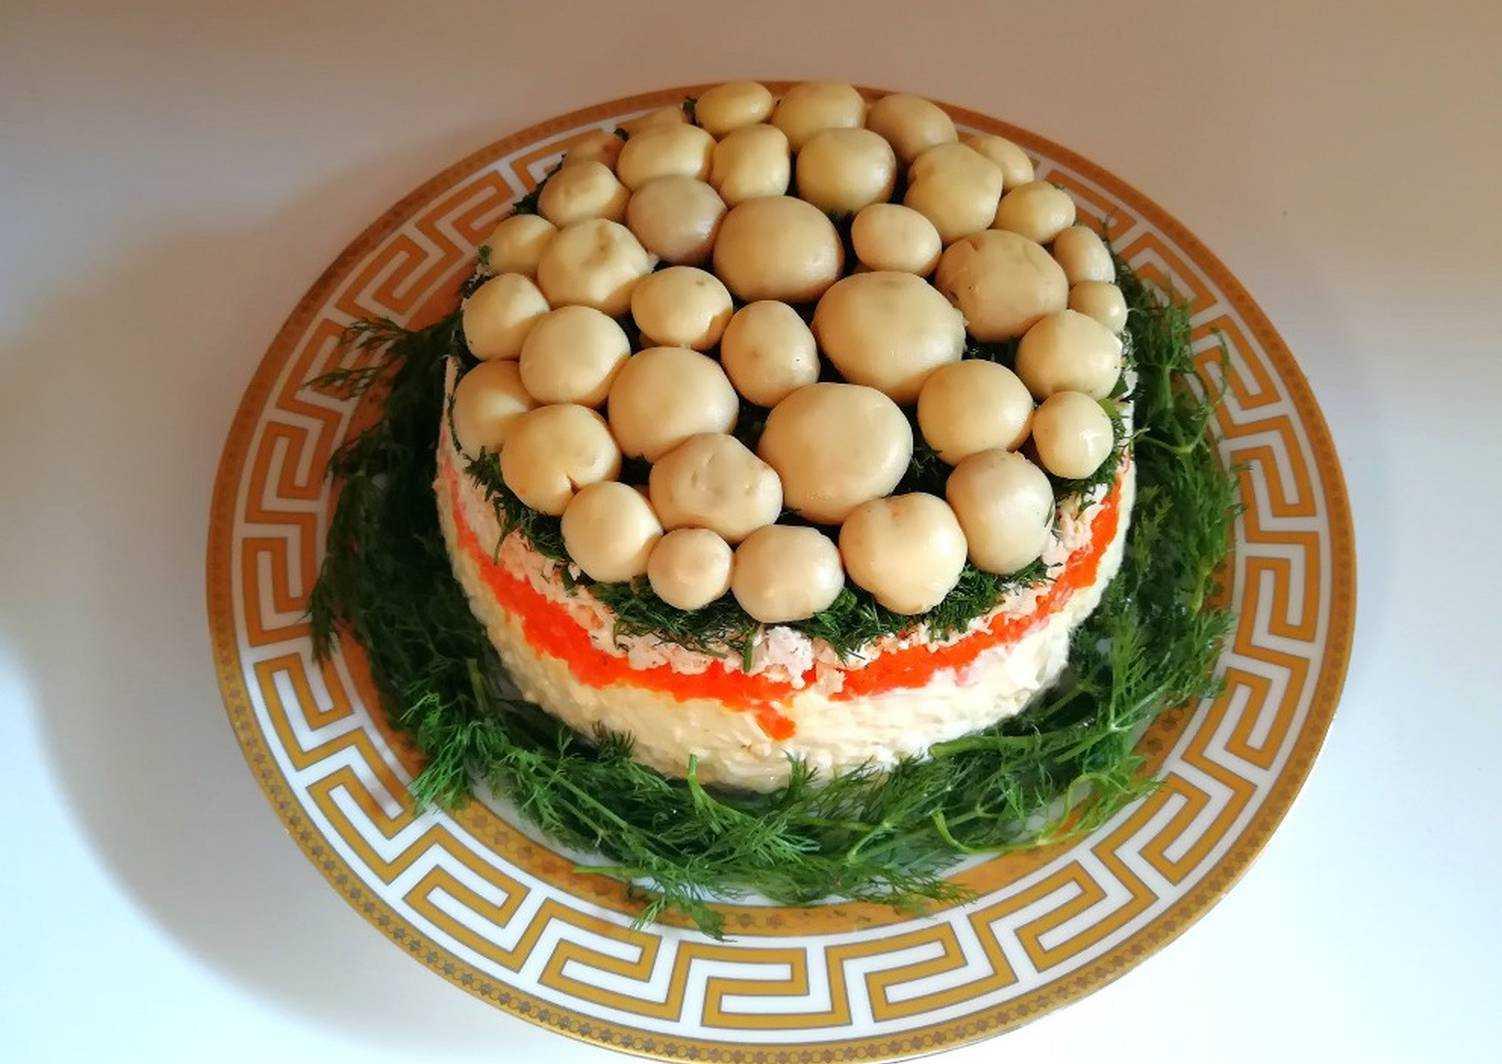 Салат с грибами: самые вкусные и простые рецепты грибного салата